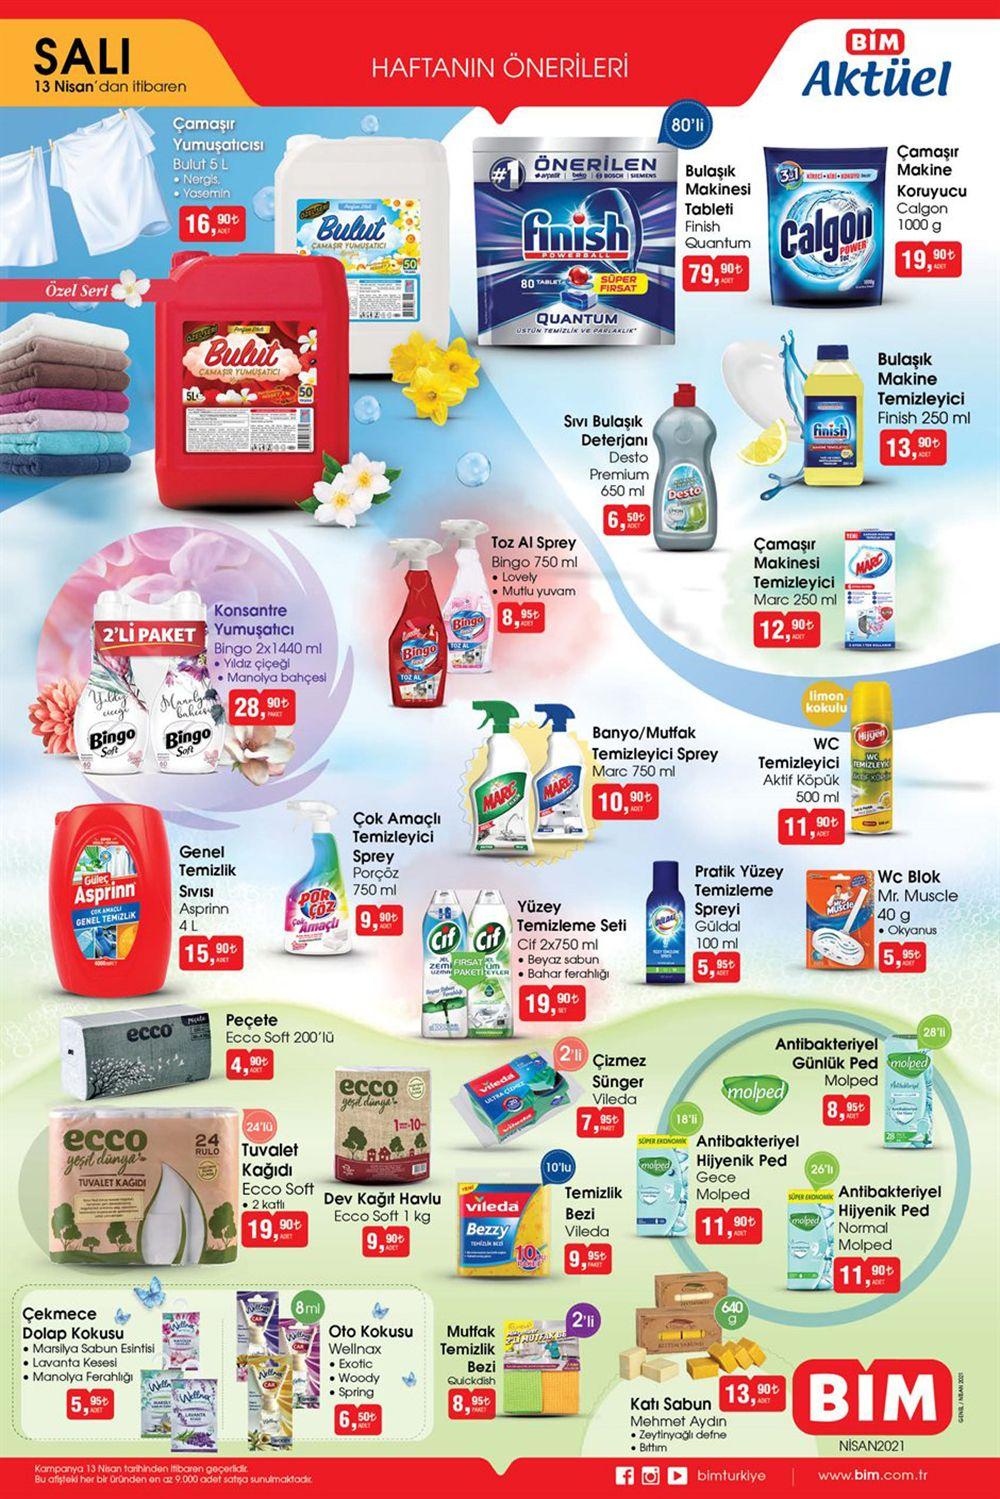 Bim 13 Nisan 2021 Aktüel Ürünler Salı Kataloğu Görseli 2. Sayfa